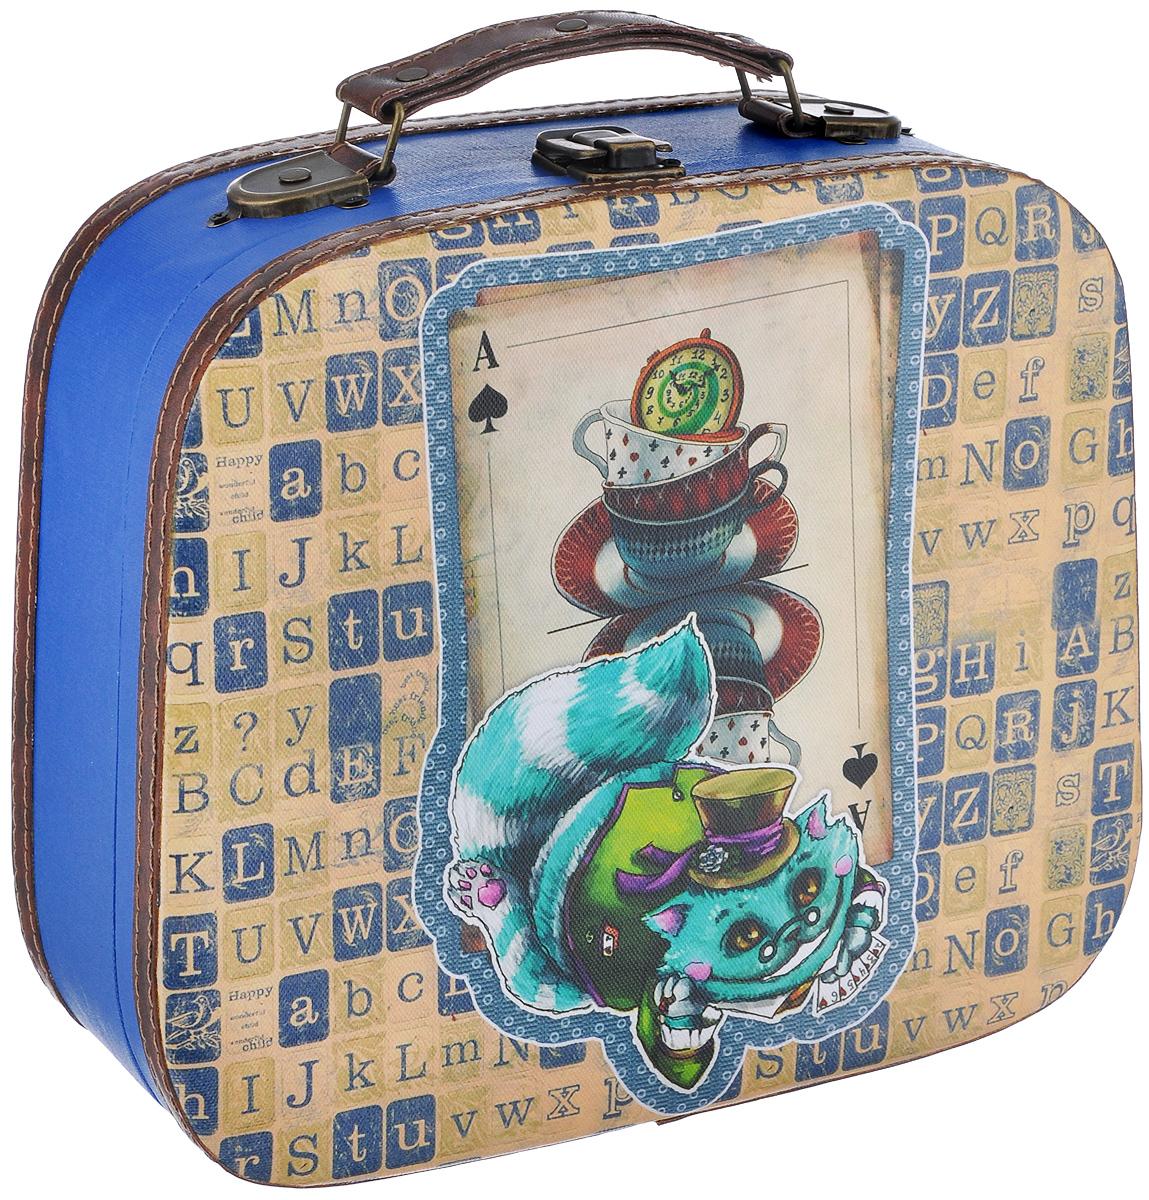 Декоративная шкатулка Феникс-презент Волшебный кот, 28 см х 24,5 см х 10,5 см37352Декоративная шкатулка Феникс-презент Волшебный кот, выполненная из МДФ, оформлена ярким изображением кота. Изделие закрывается на металлический замок-защелку и оснащено удобной ручкой для переноски.Такая шкатулка может использоваться для хранения бижутерии, предметов рукоделия, в качестве украшения интерьера, а также послужит хорошим подарком для человека, ценящего практичные и оригинальные вещицы.